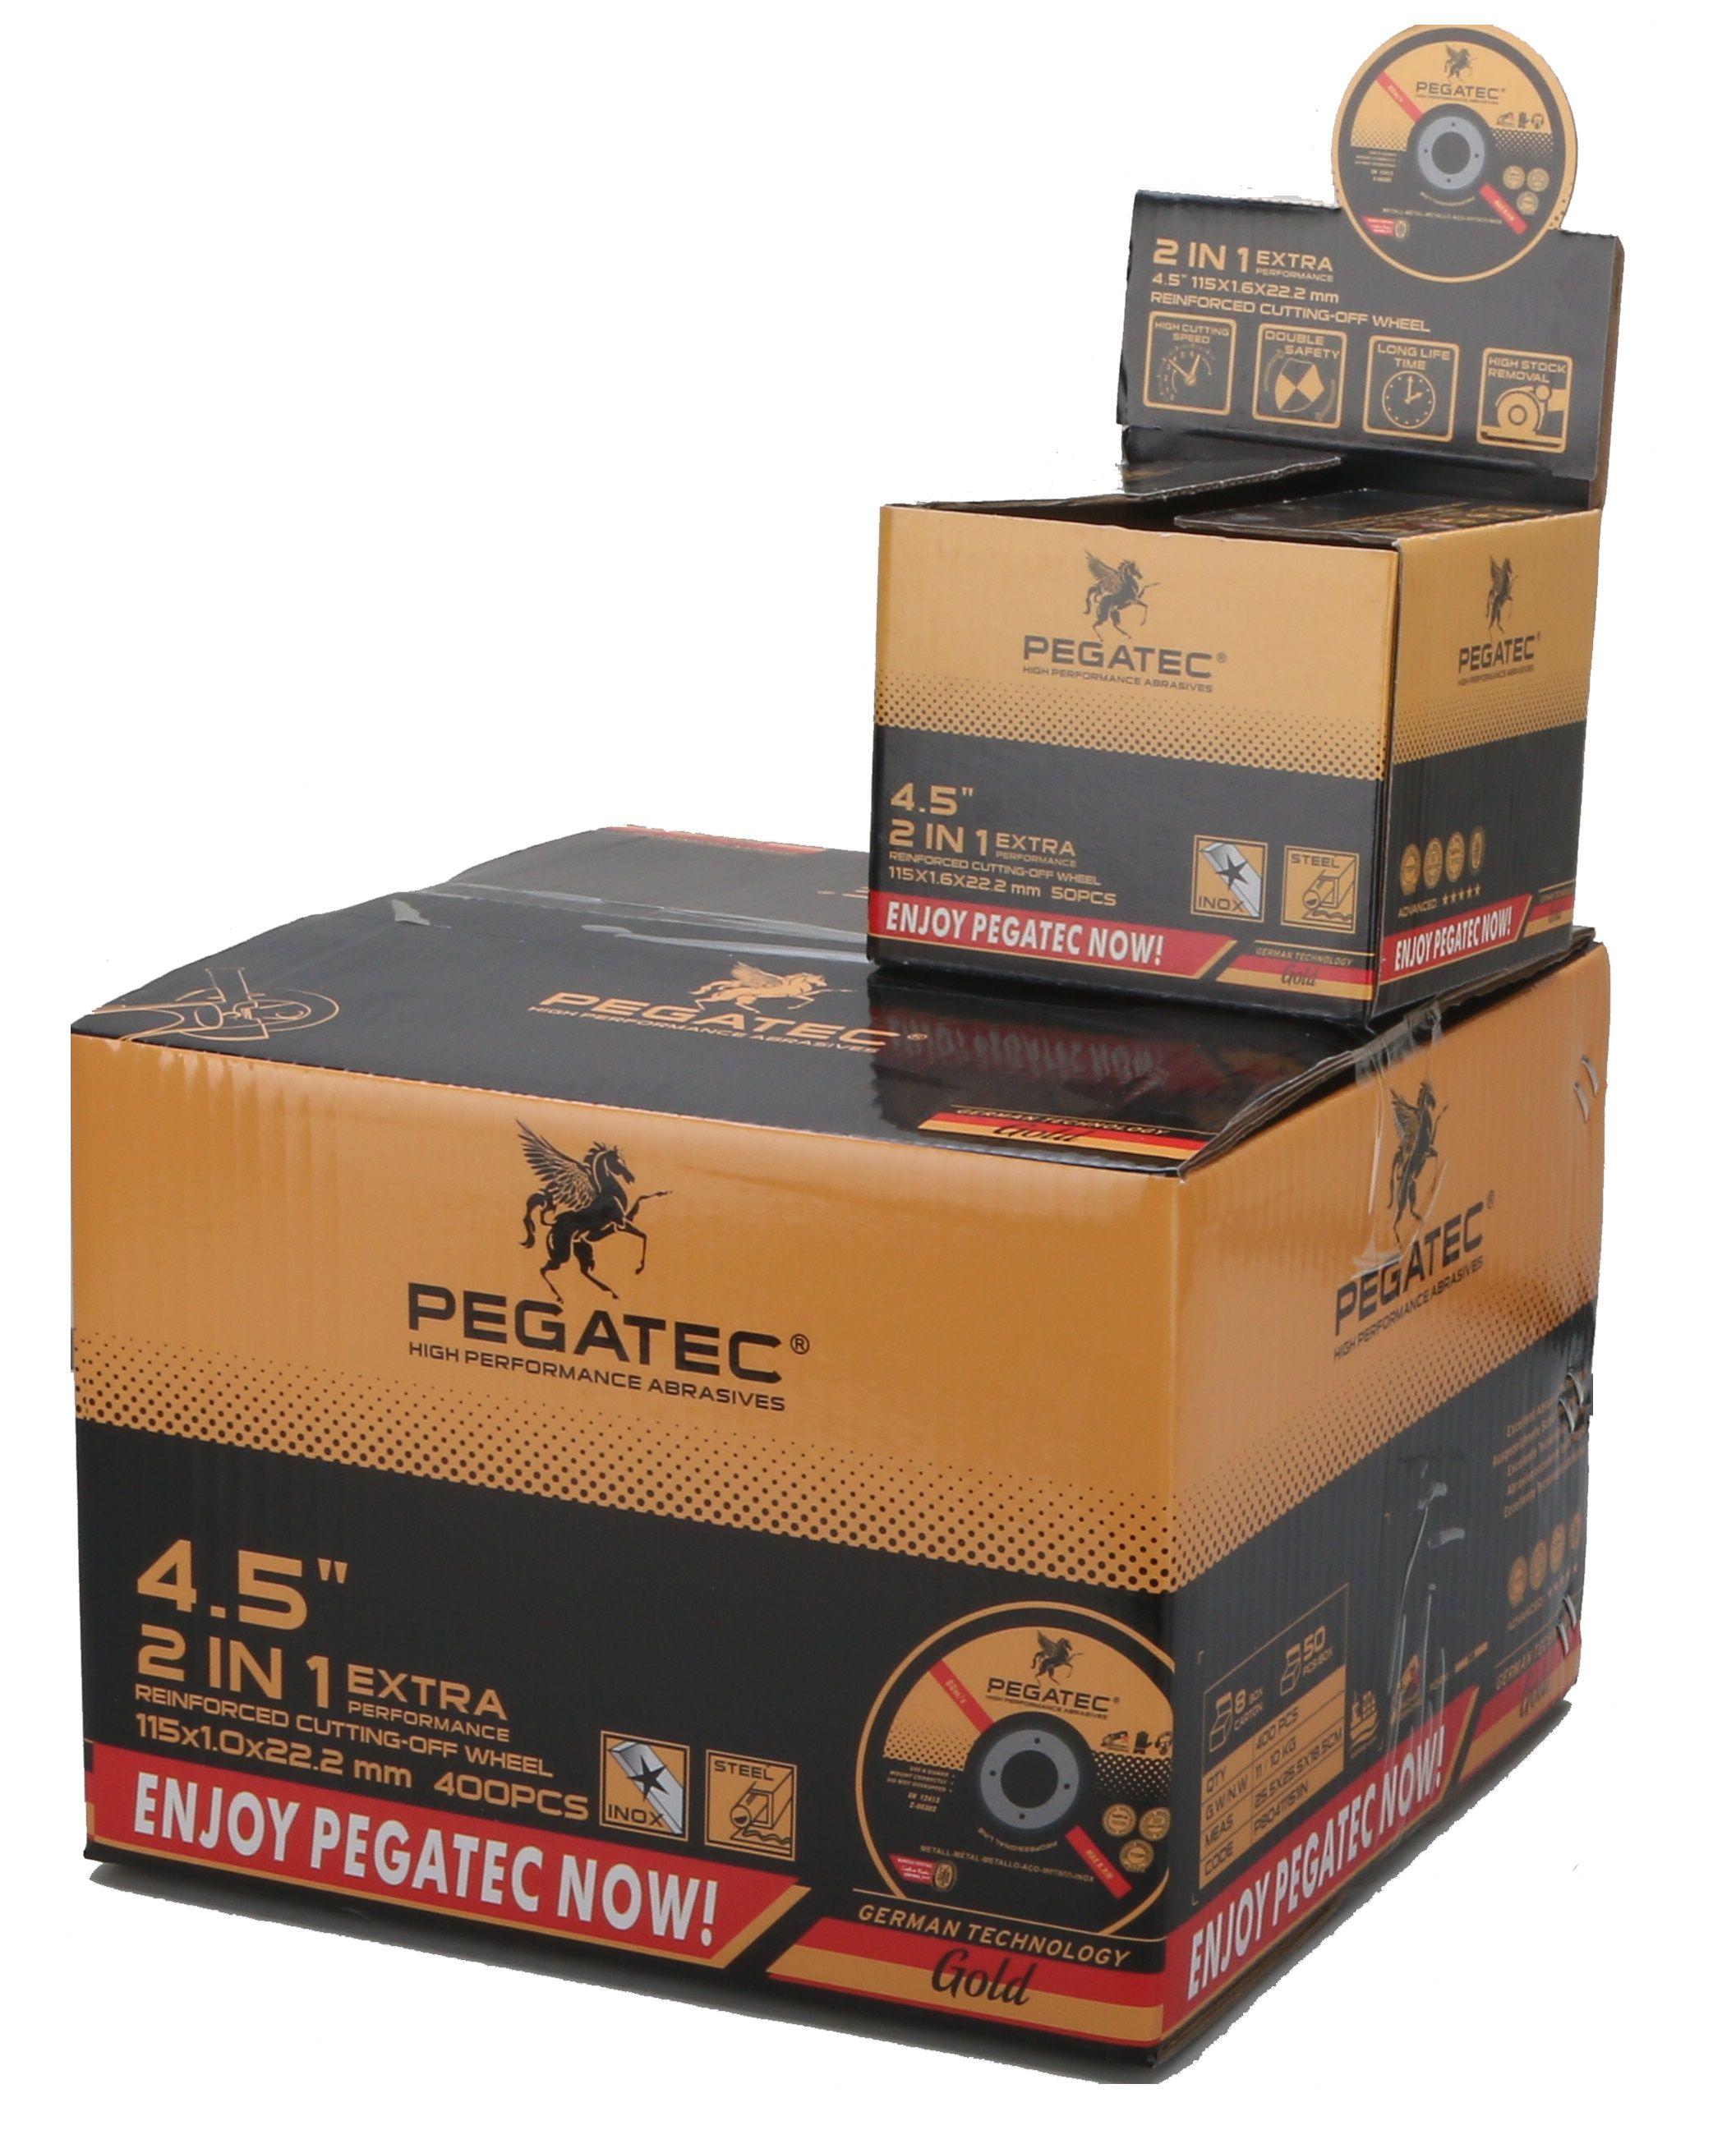 PEGATEC_BOX1